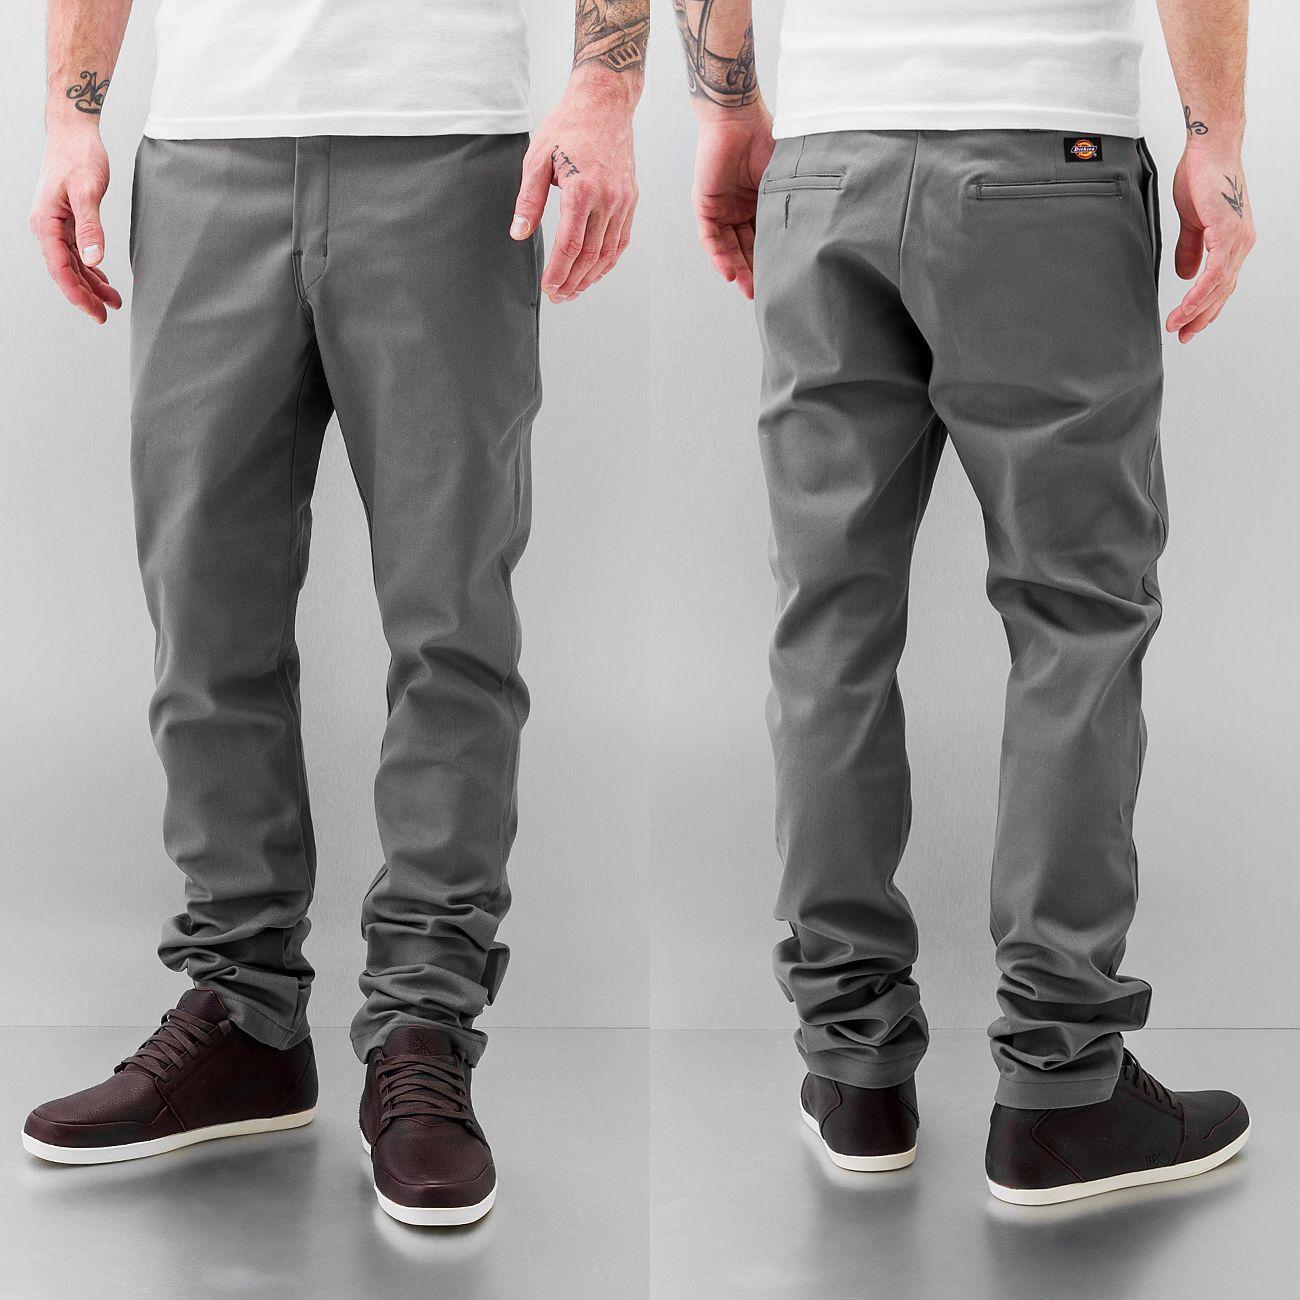 928f0b684aefe Dickies Slim Skinny Work Pants Gravel Grey   Mens Clothing ...